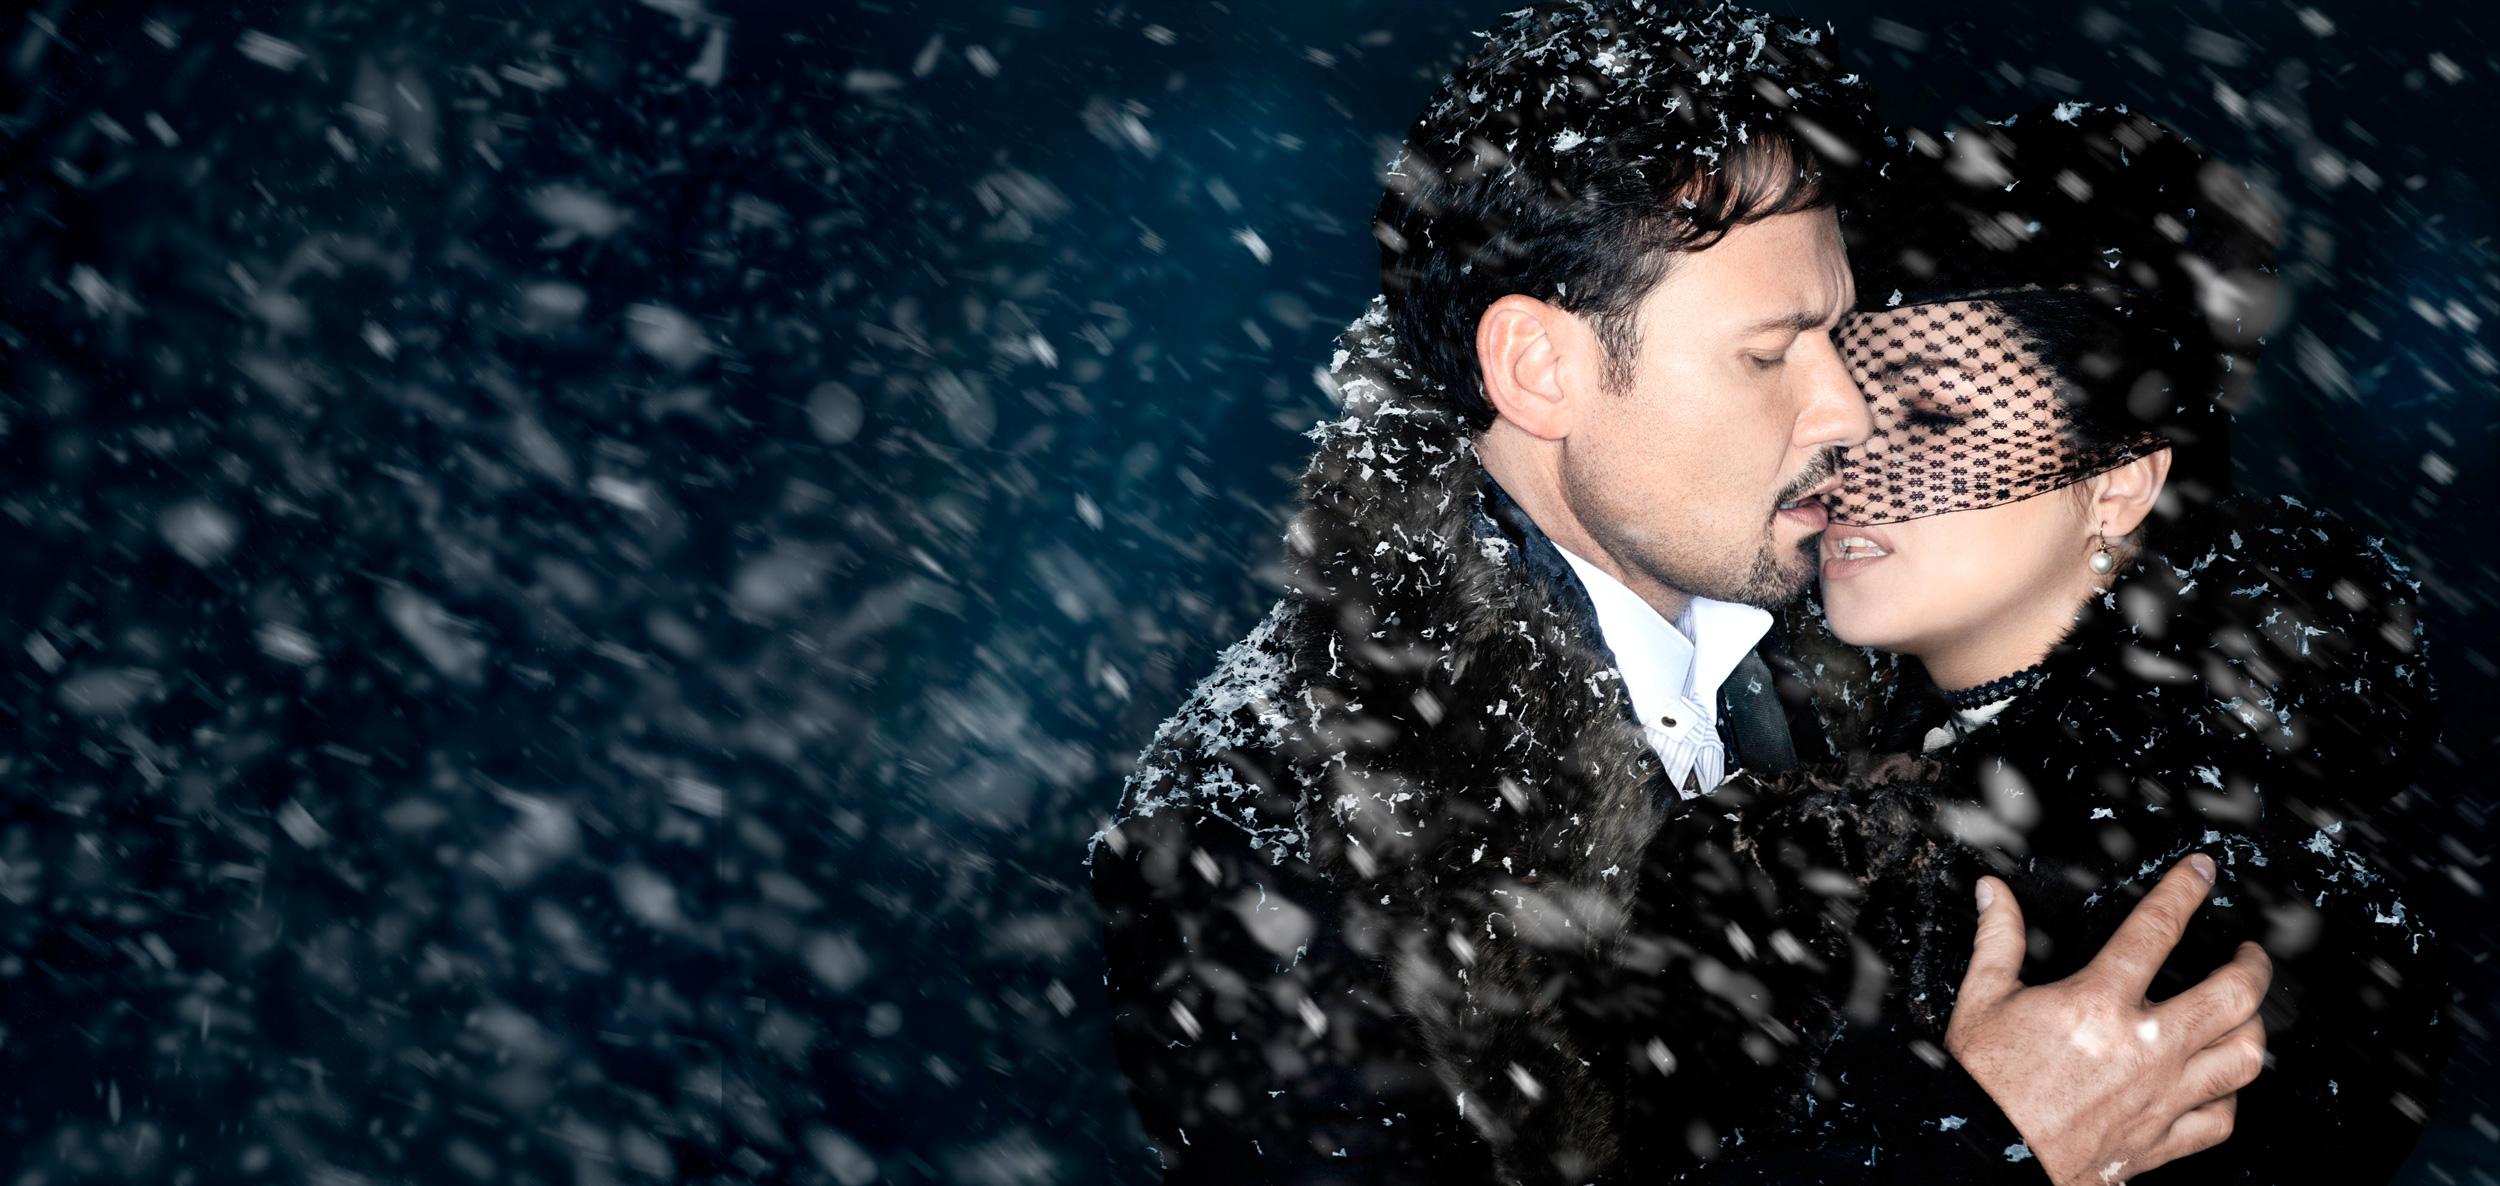 Yelmo Cines presenta en sus salas, en directo y en exclusiva, la temporada de ópera 2013/2014 del Metropolitan de Nueva York